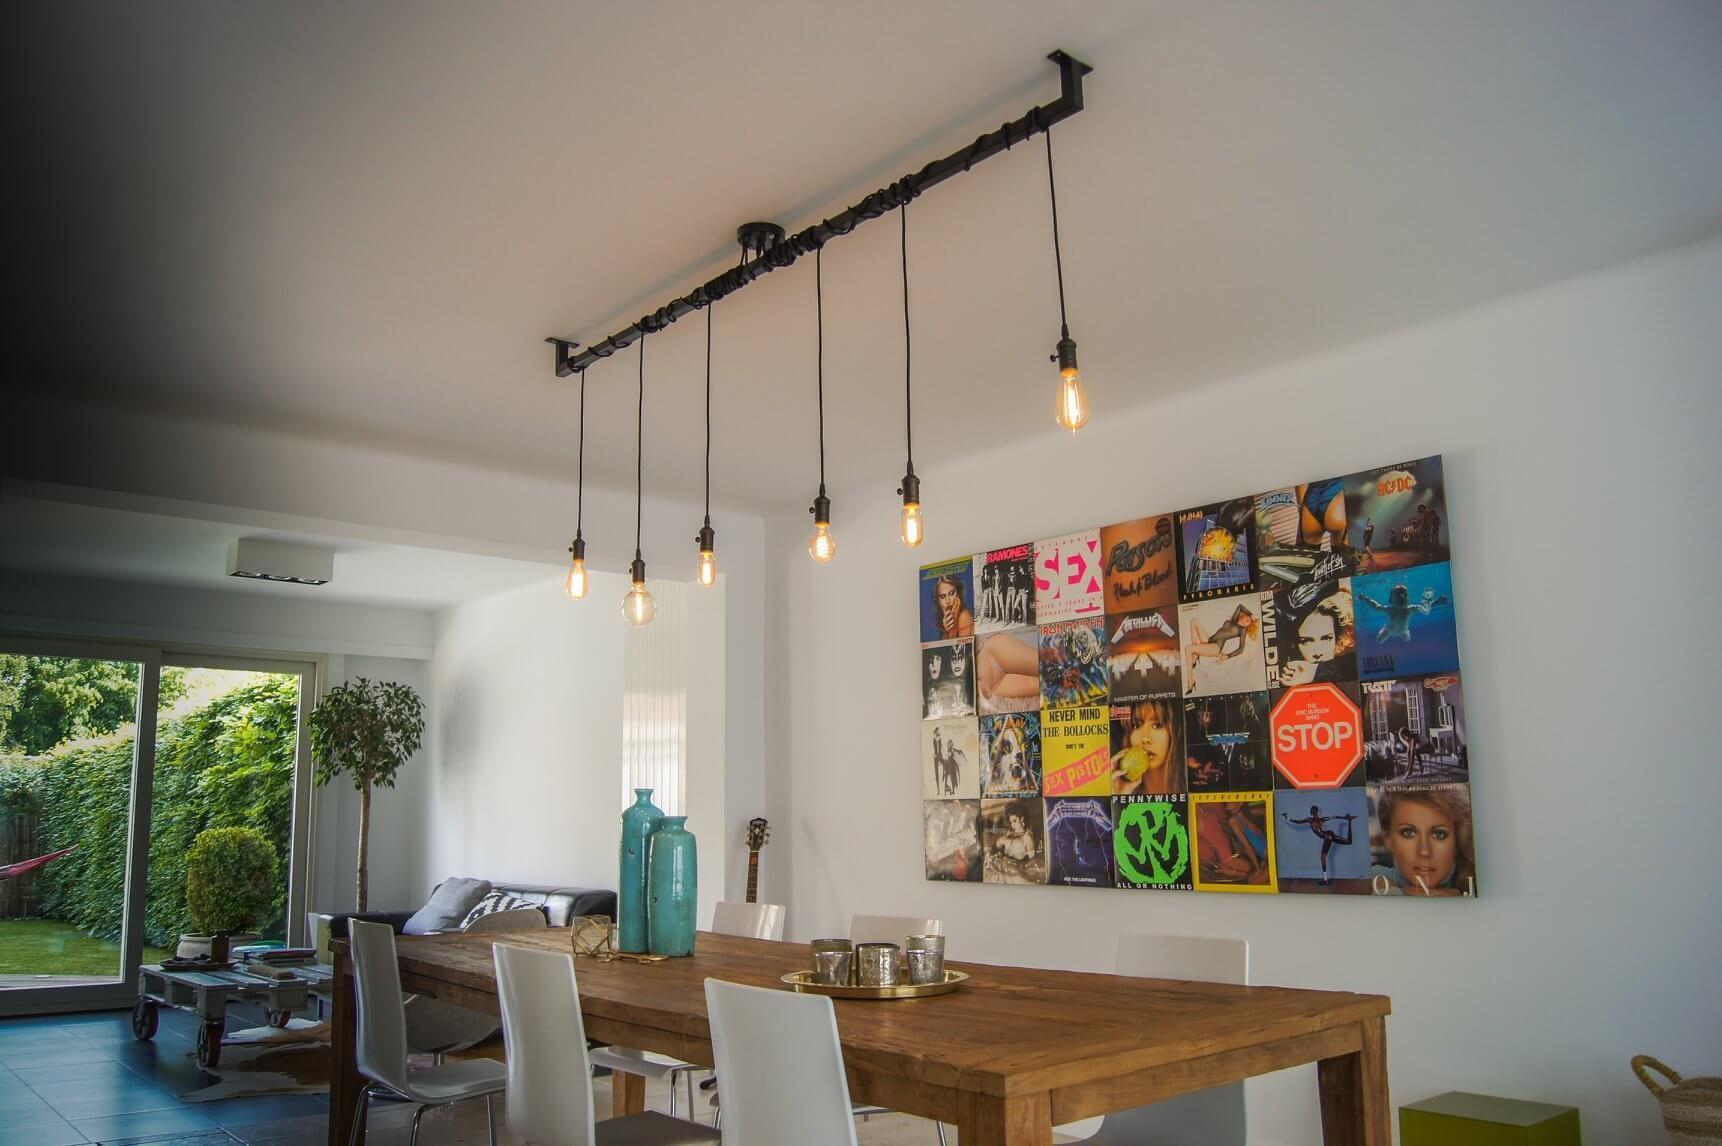 Industriele Keuken Lamp : Industriële keuken of eettafel lamp kopen opvallend industrieel